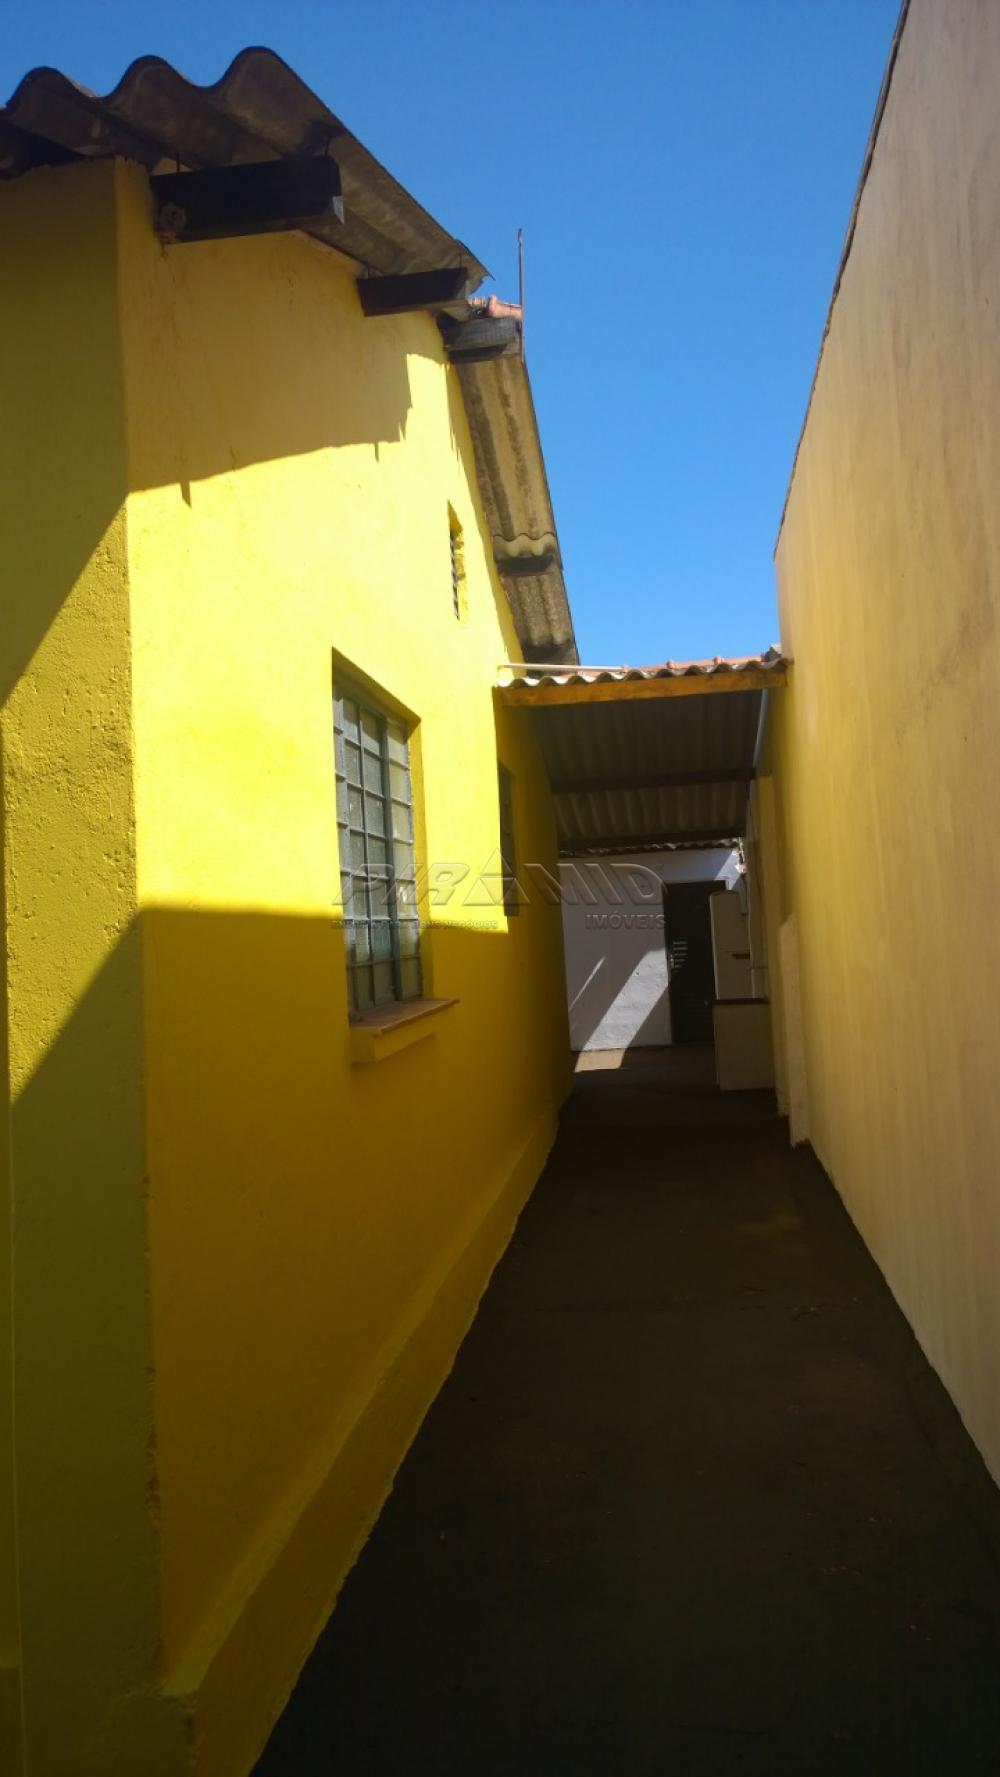 Comprar Casa / Padrão em Ribeirão Preto apenas R$ 190.000,00 - Foto 21